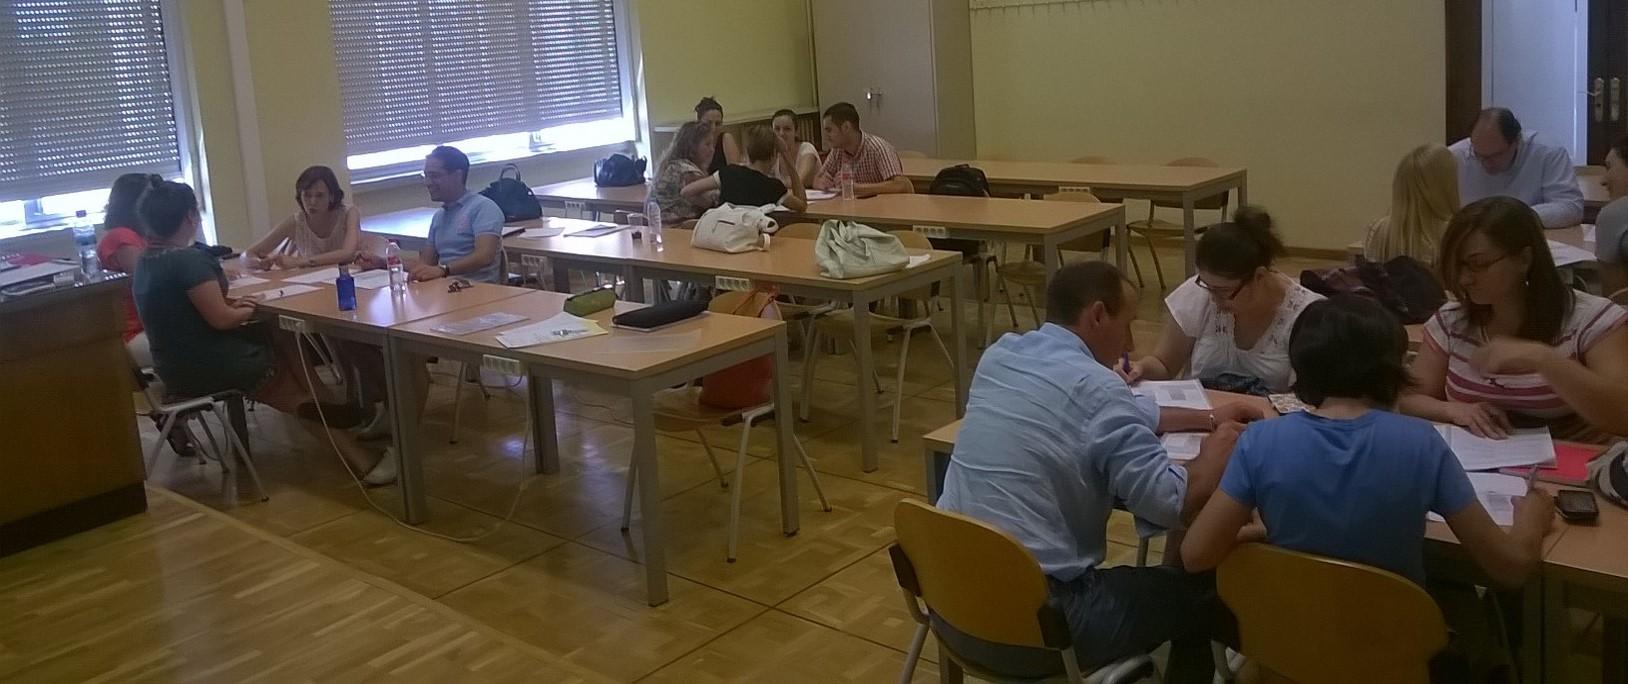 Alumnos de la II Edición del Curso Transferencia y Valorización de proyecctos biomédicos, realizando uno de los casos prácticos en grupo.